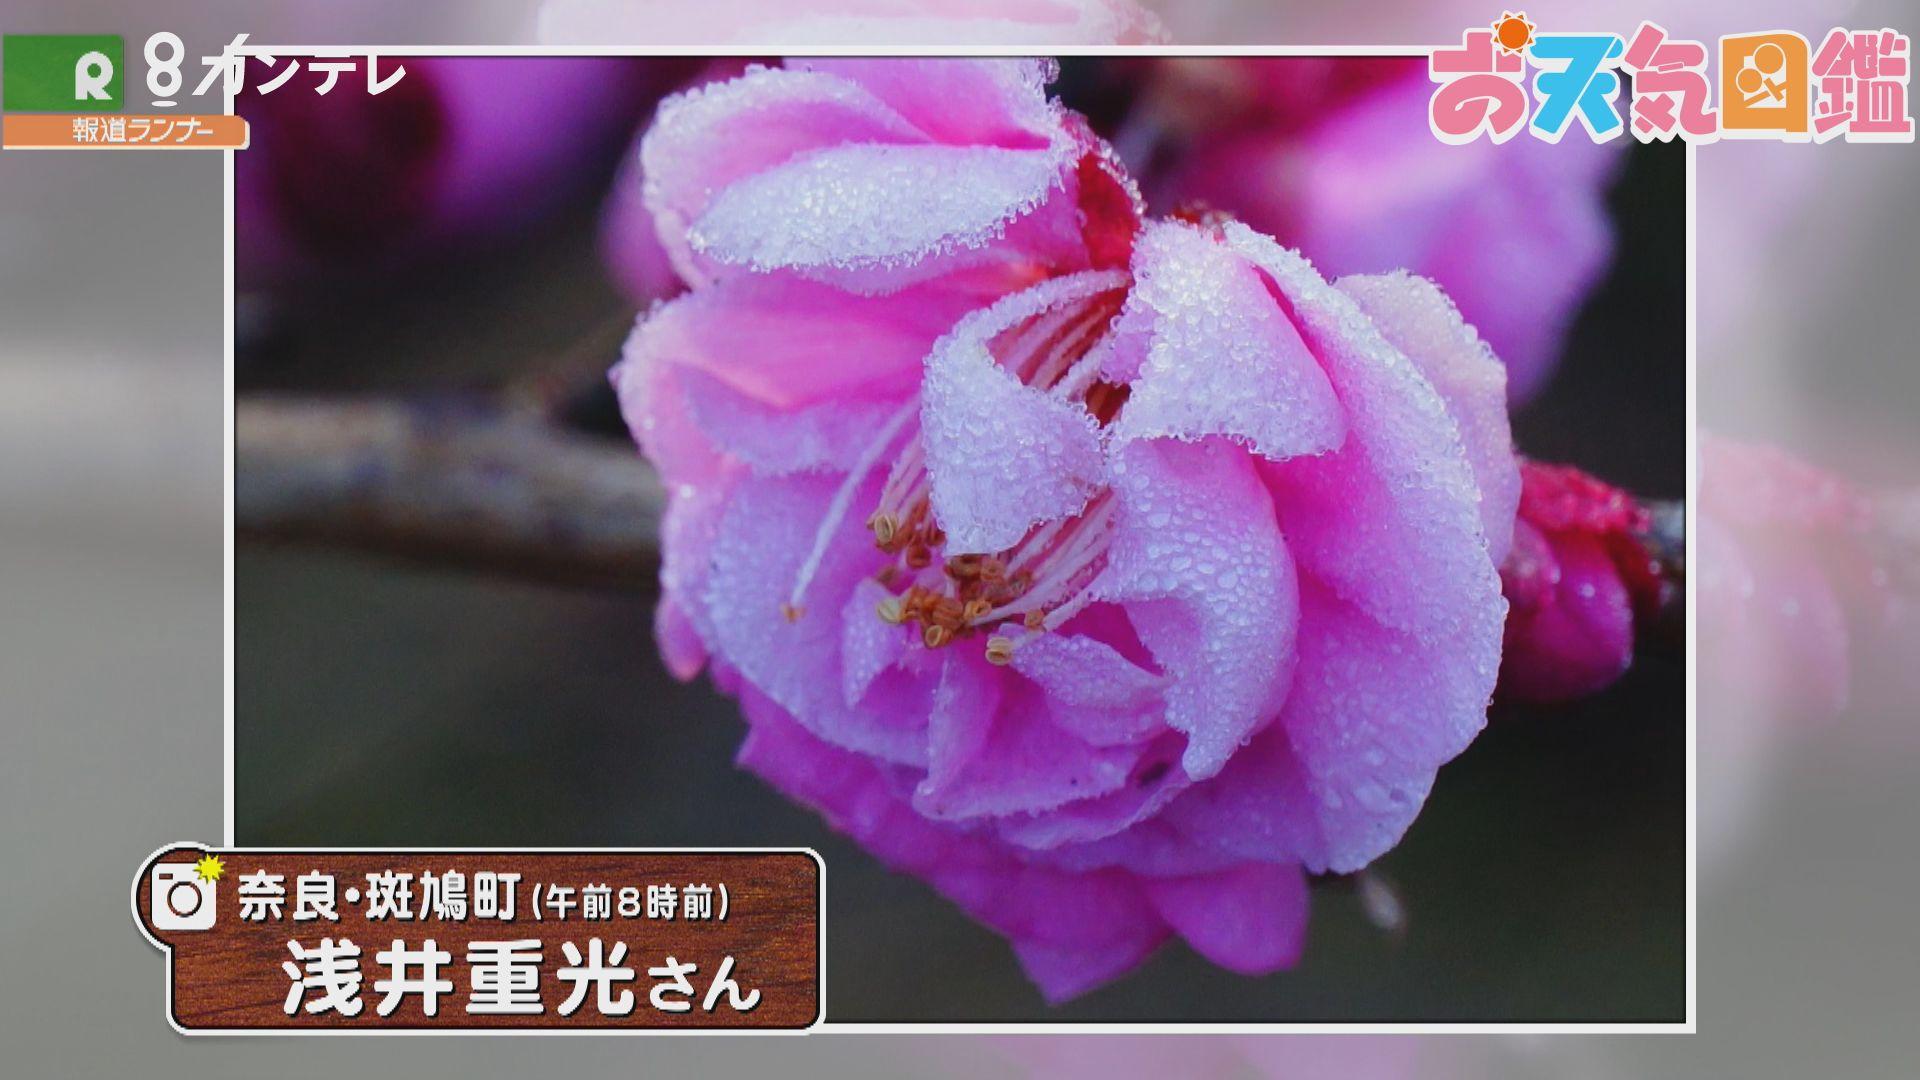 「紅梅に…美しい霜」(奈良県斑鳩町)